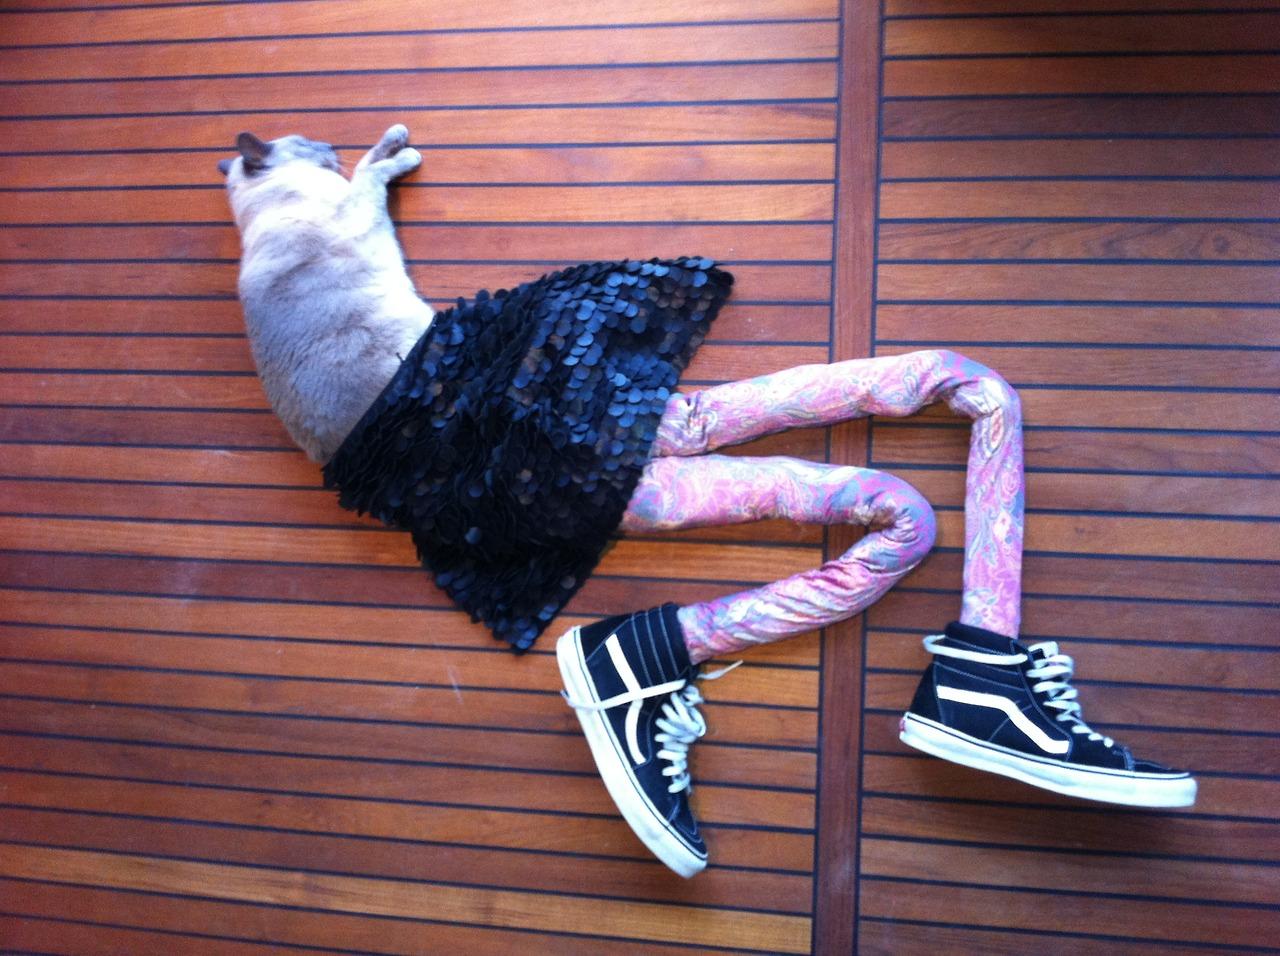 Gatti con i collant, l'ultima mania che spopola sul web (FOTO)